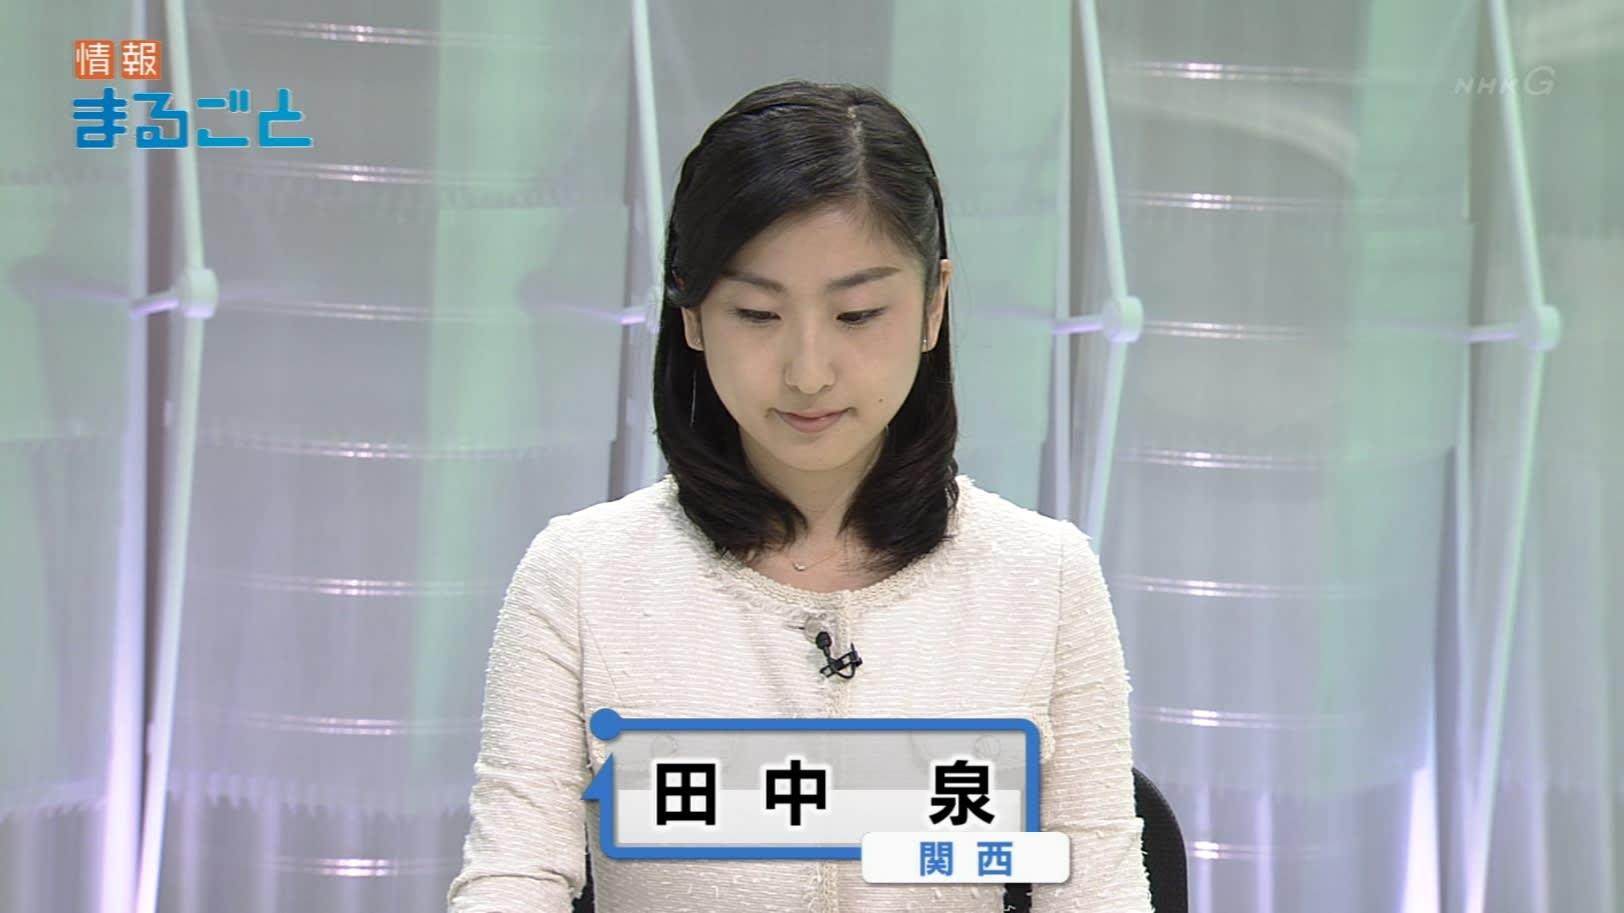 田中泉 (アナウンサー)の画像 p1_37